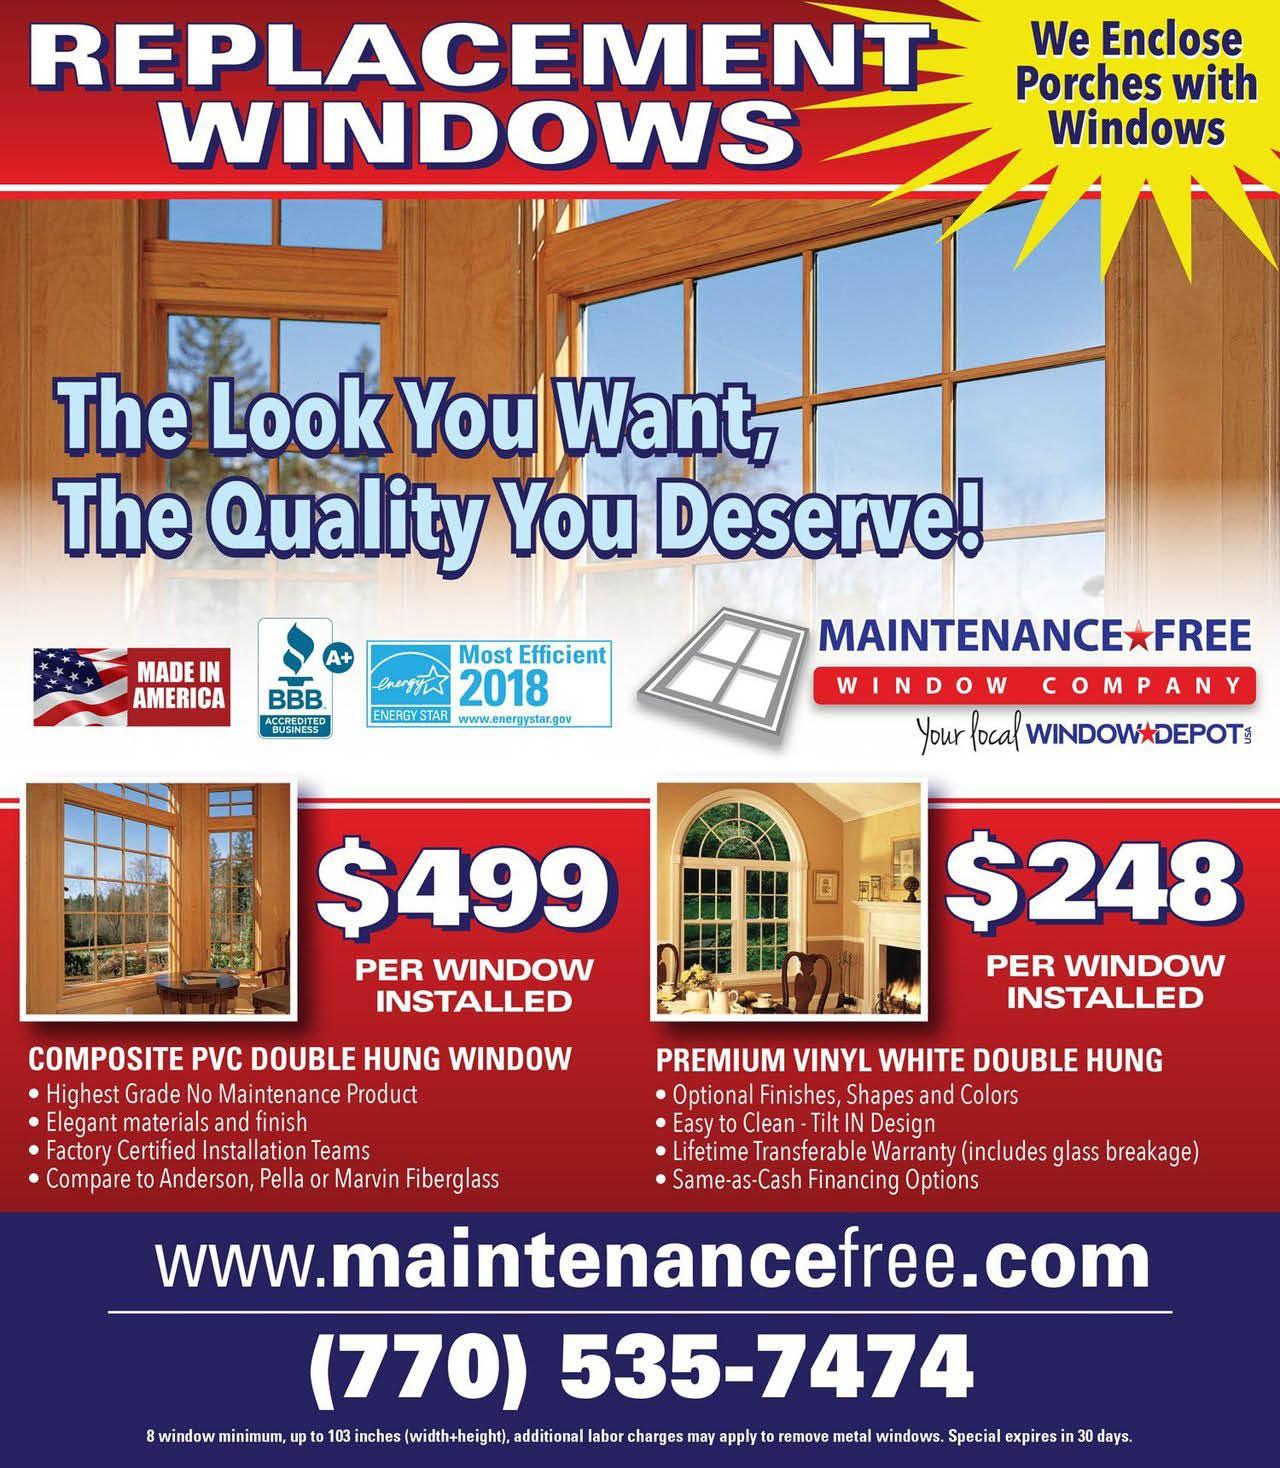 Maintenance Free Window Company specials for the Atlanta area